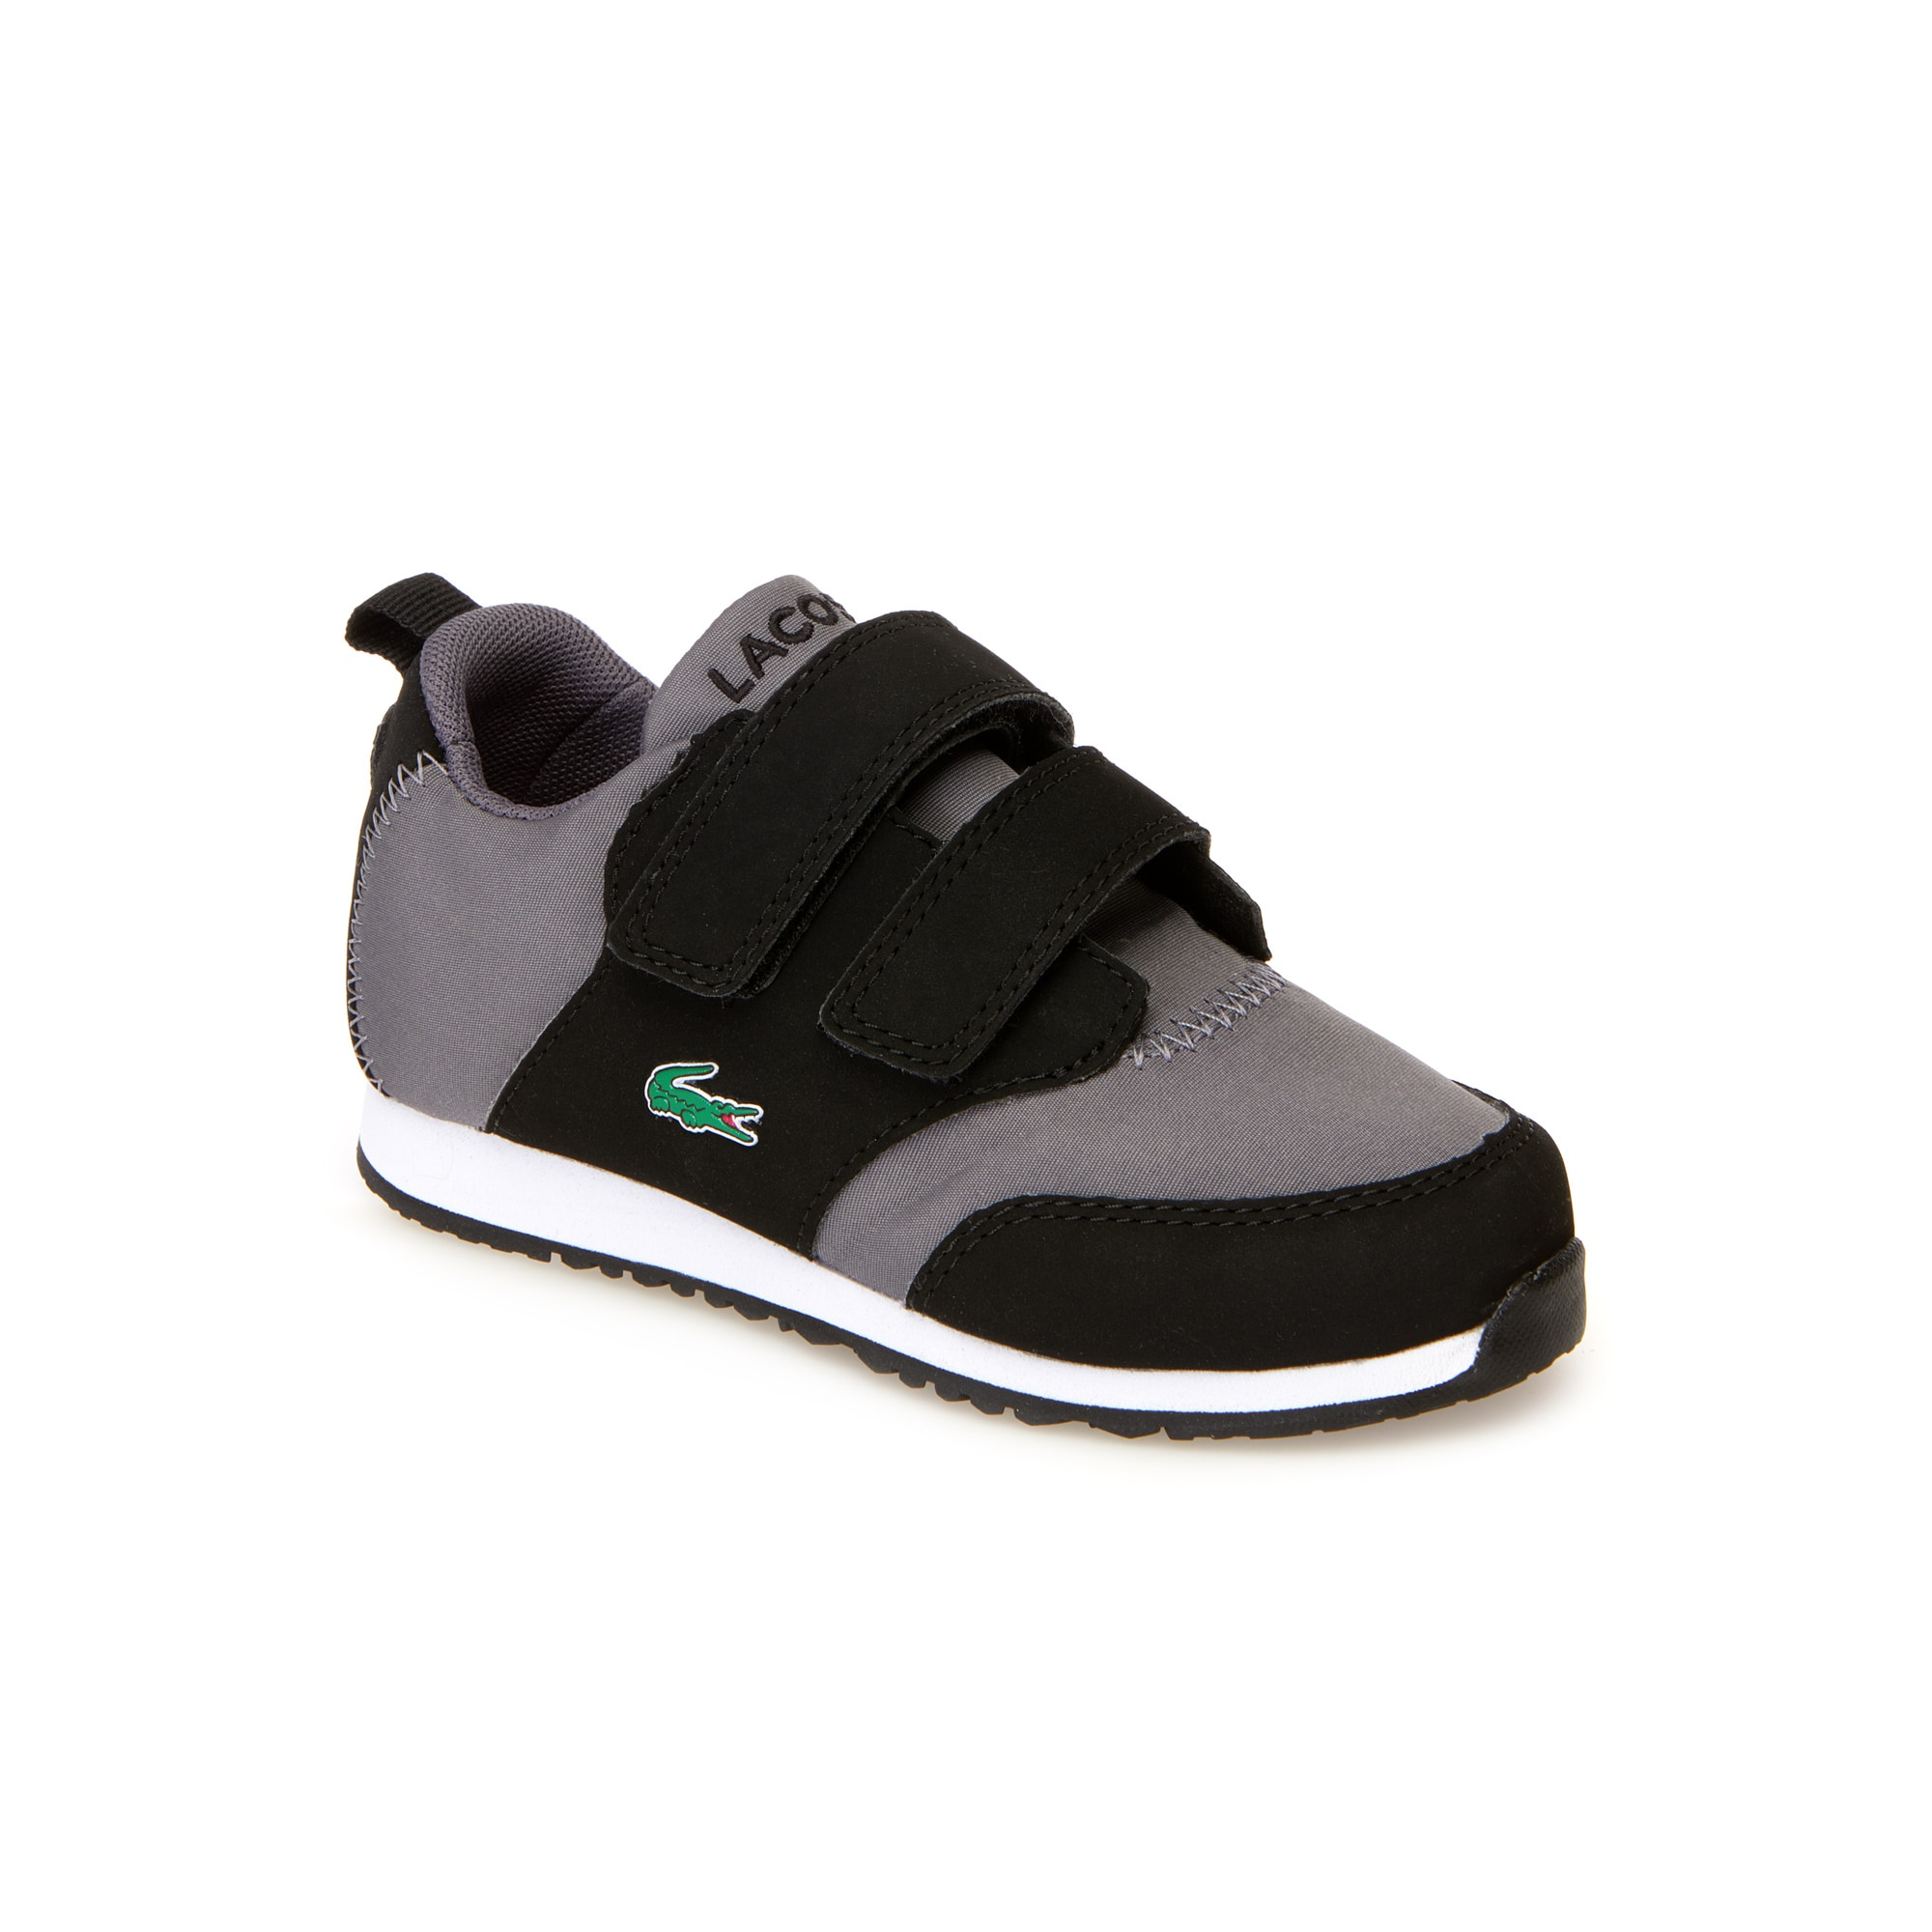 Zapatillas de niño L.ight de material textil y sintético